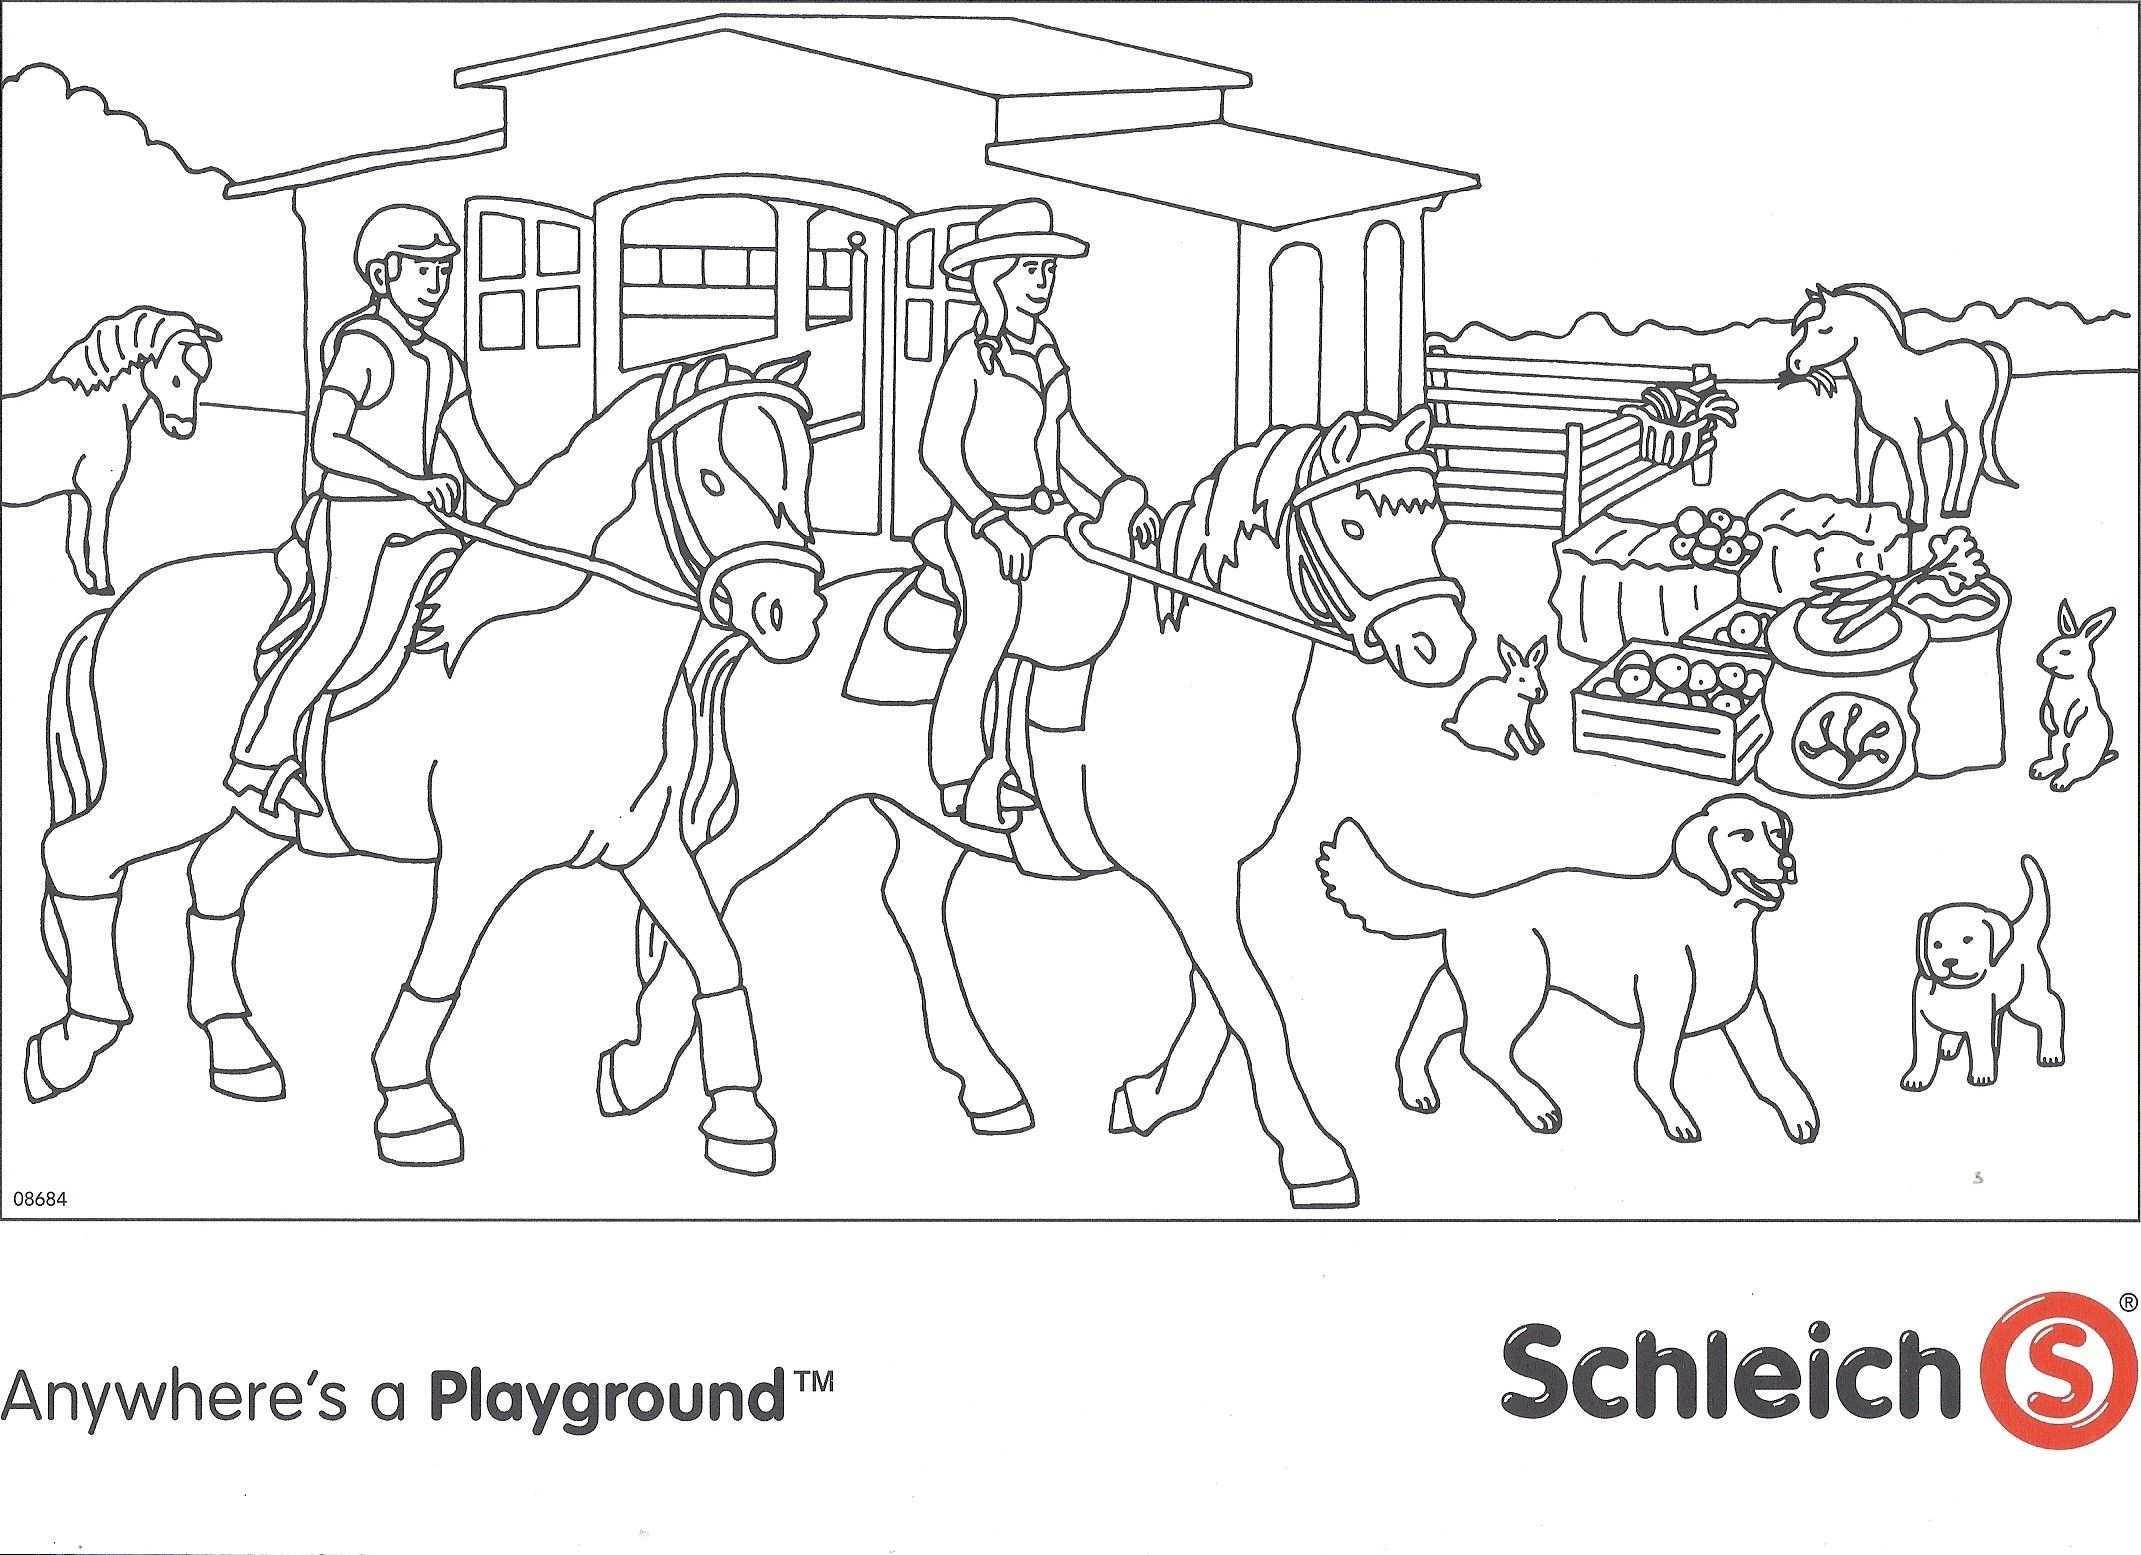 Schleich Paarden Kleurplaat Jpg 2141 1555 Kleurplaten Kleurplaten Voor Kinderen Paarden